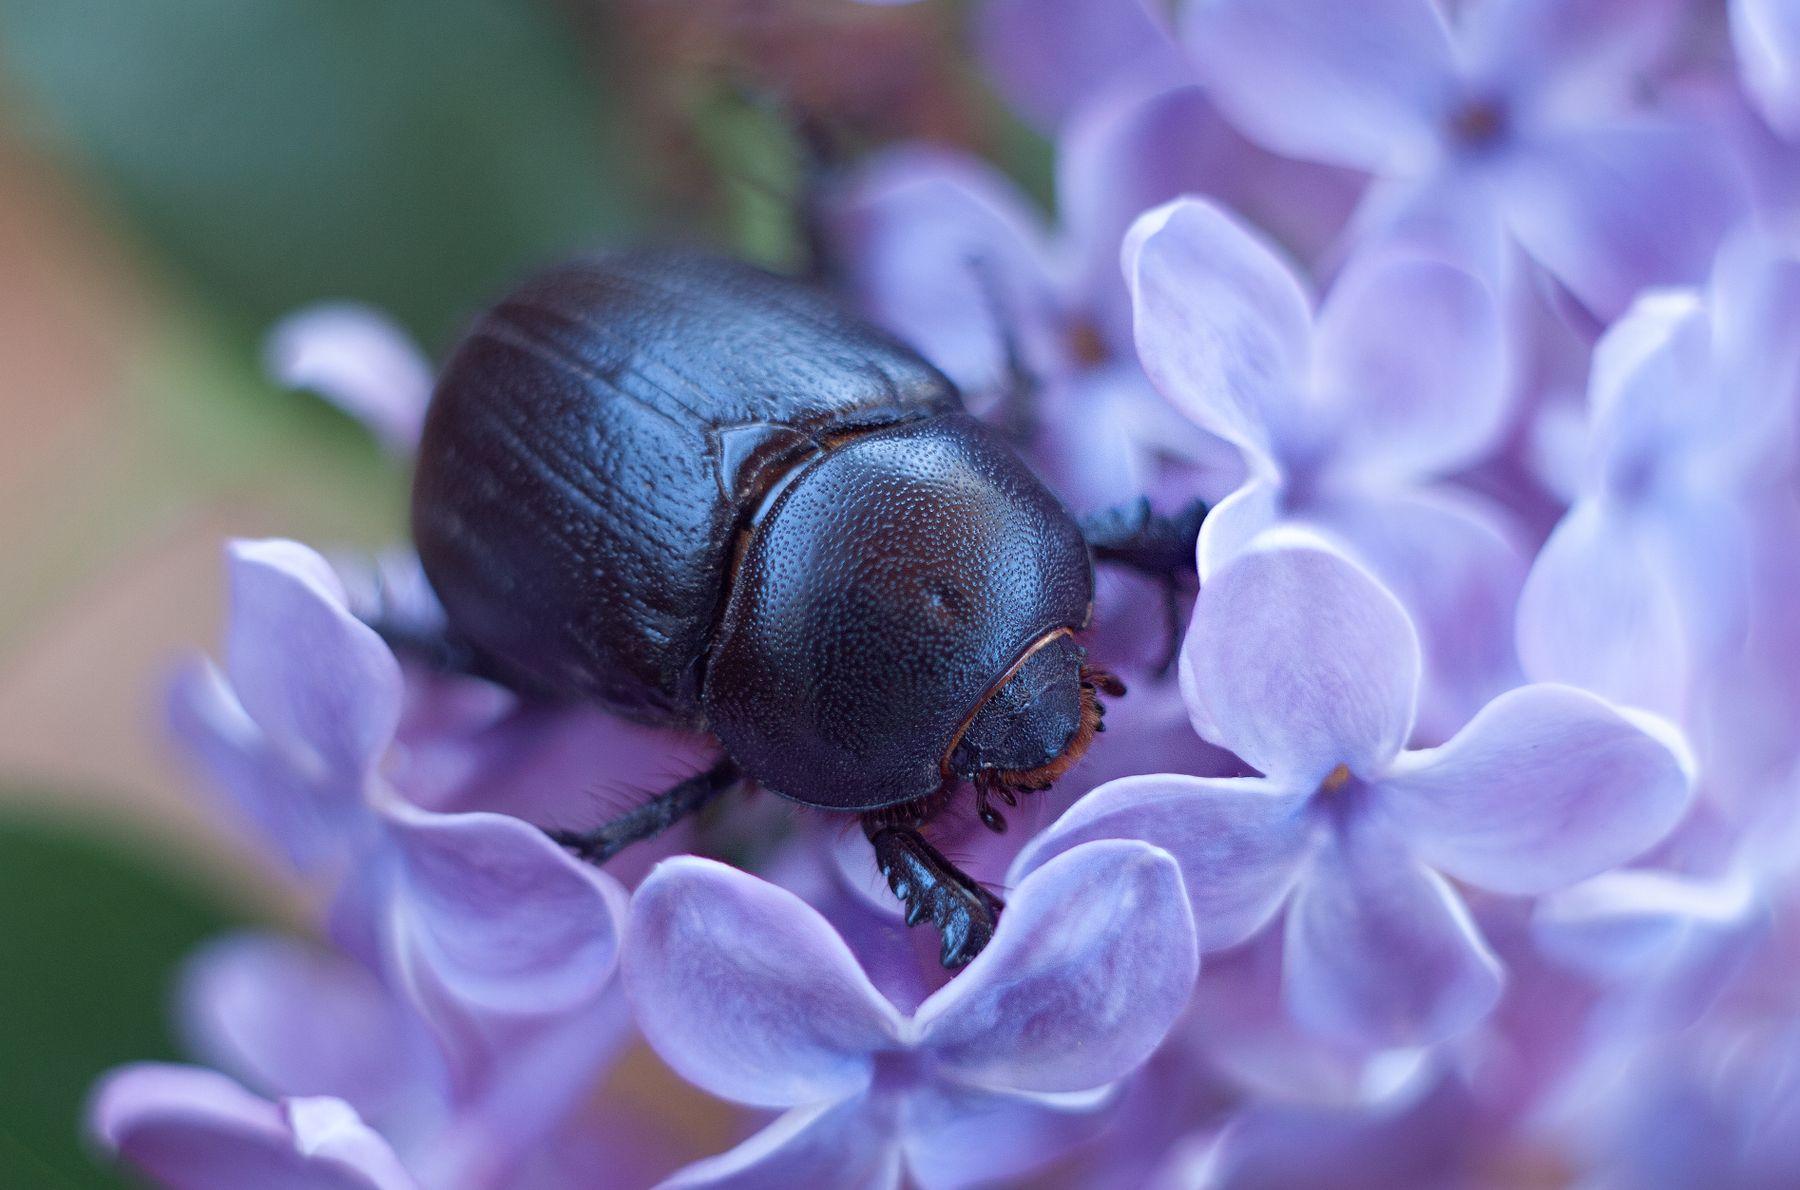 дупляк кукурузный макро насекомые жуки